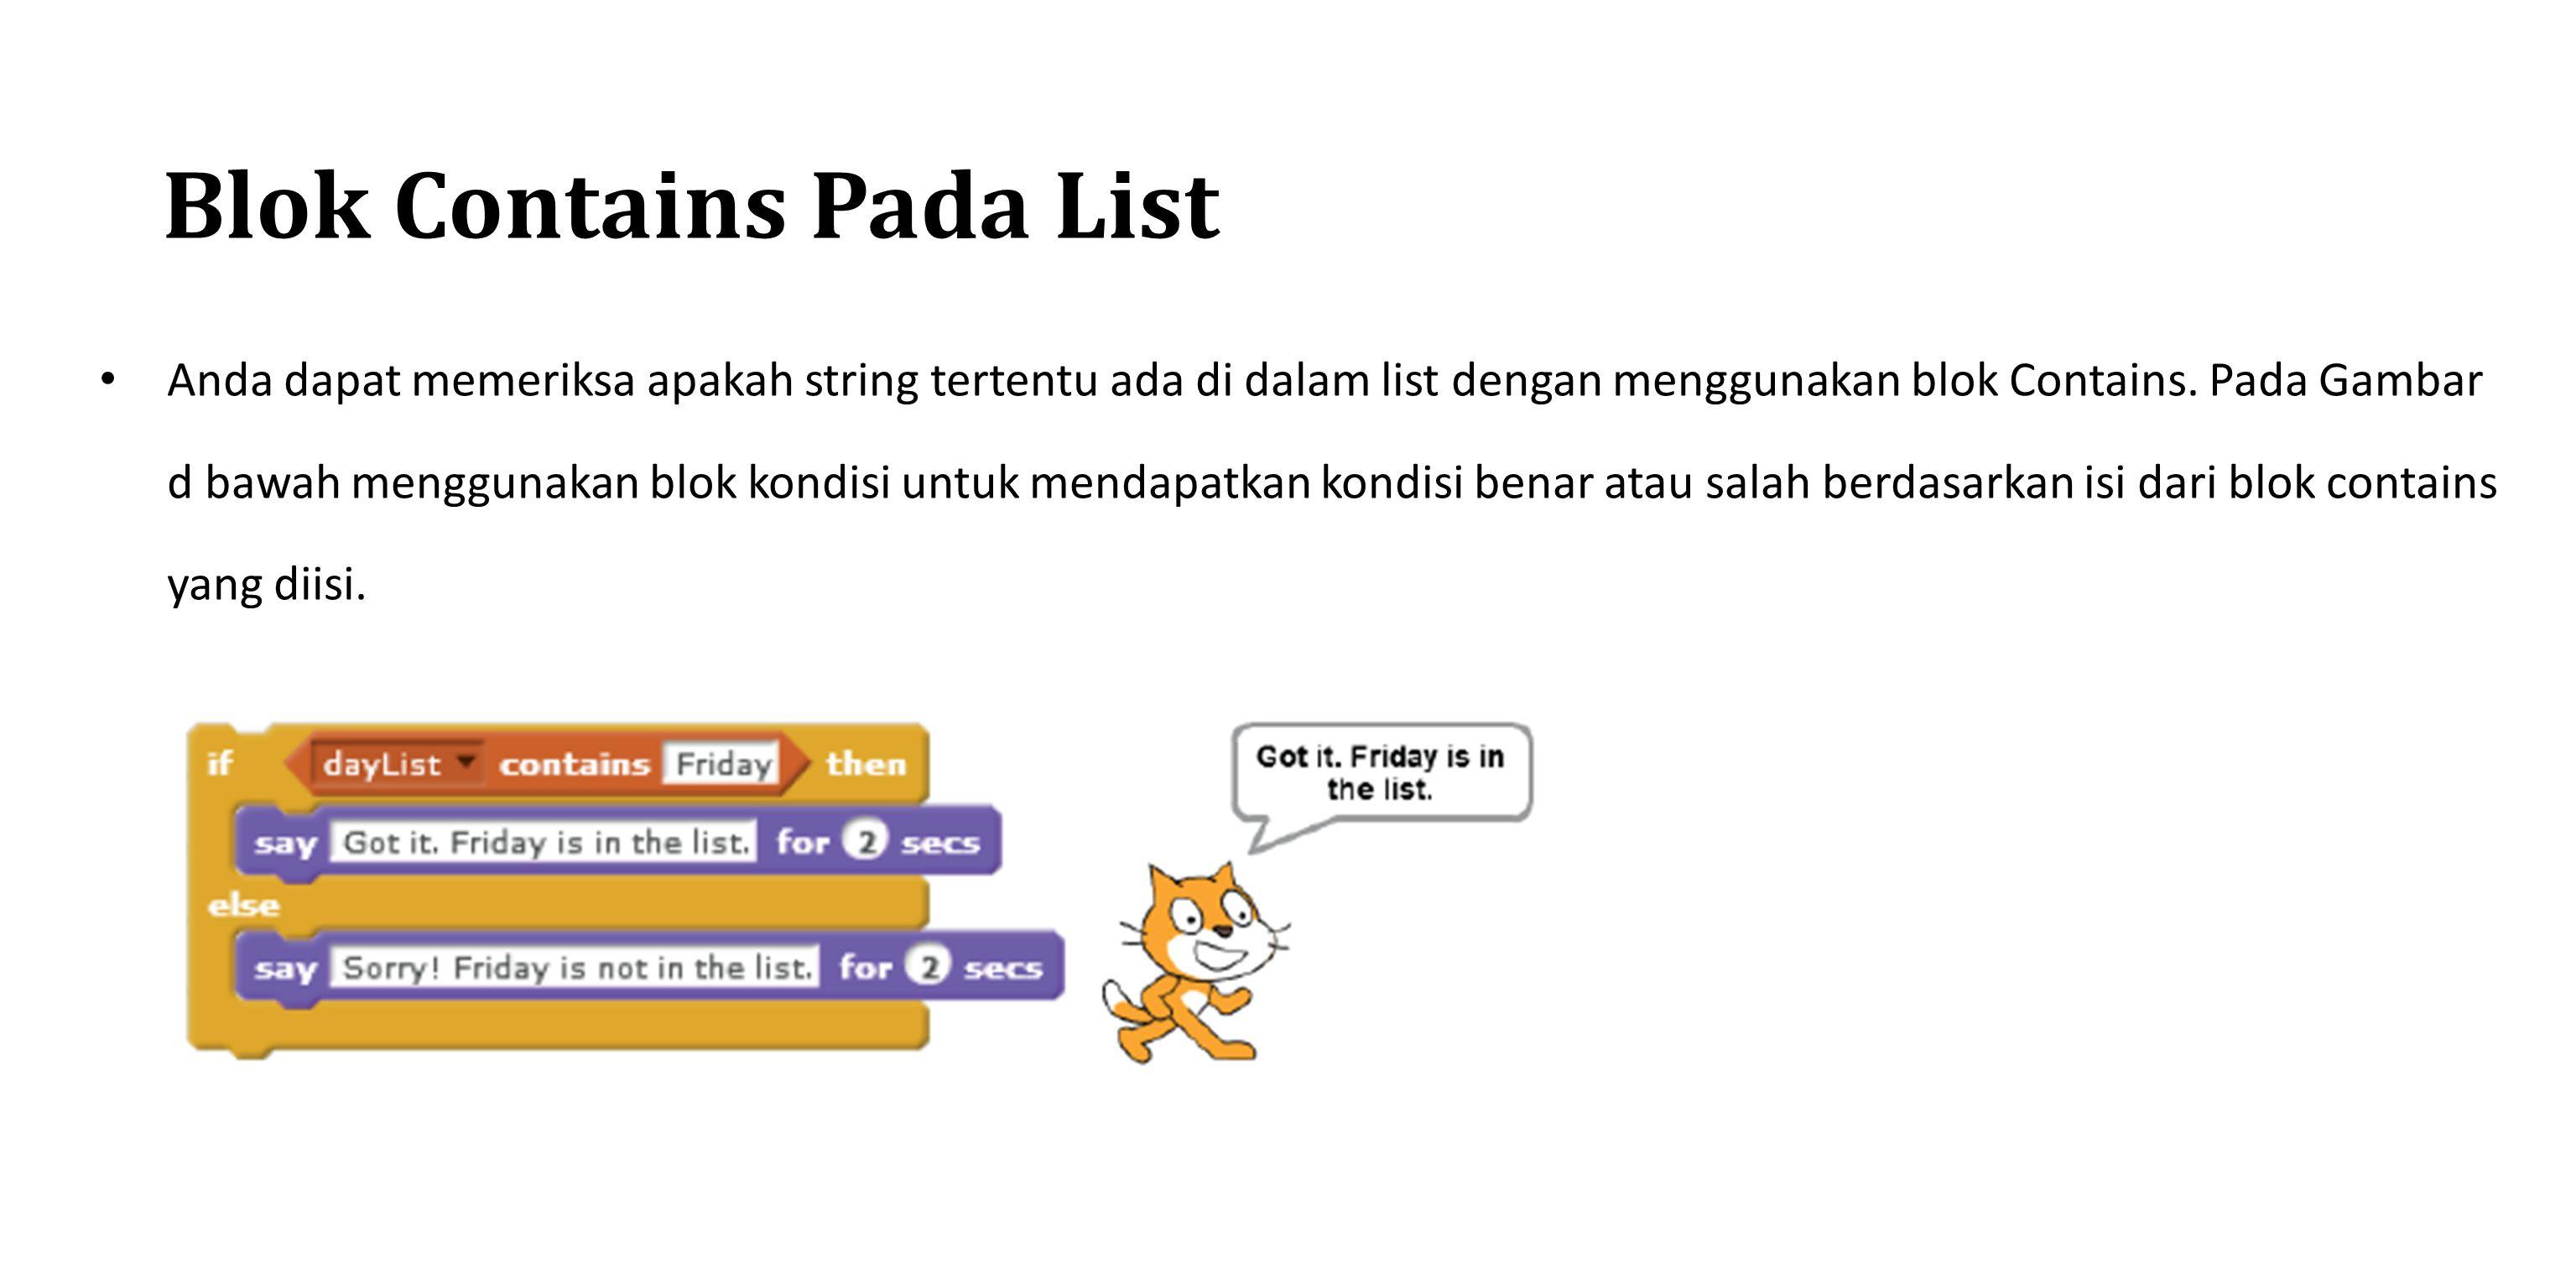 Blok Contains Pada List Anda dapat memeriksa apakah string tertentu ada di dalam list dengan menggunakan blok Contains. Pada Gambar d bawah menggunaka